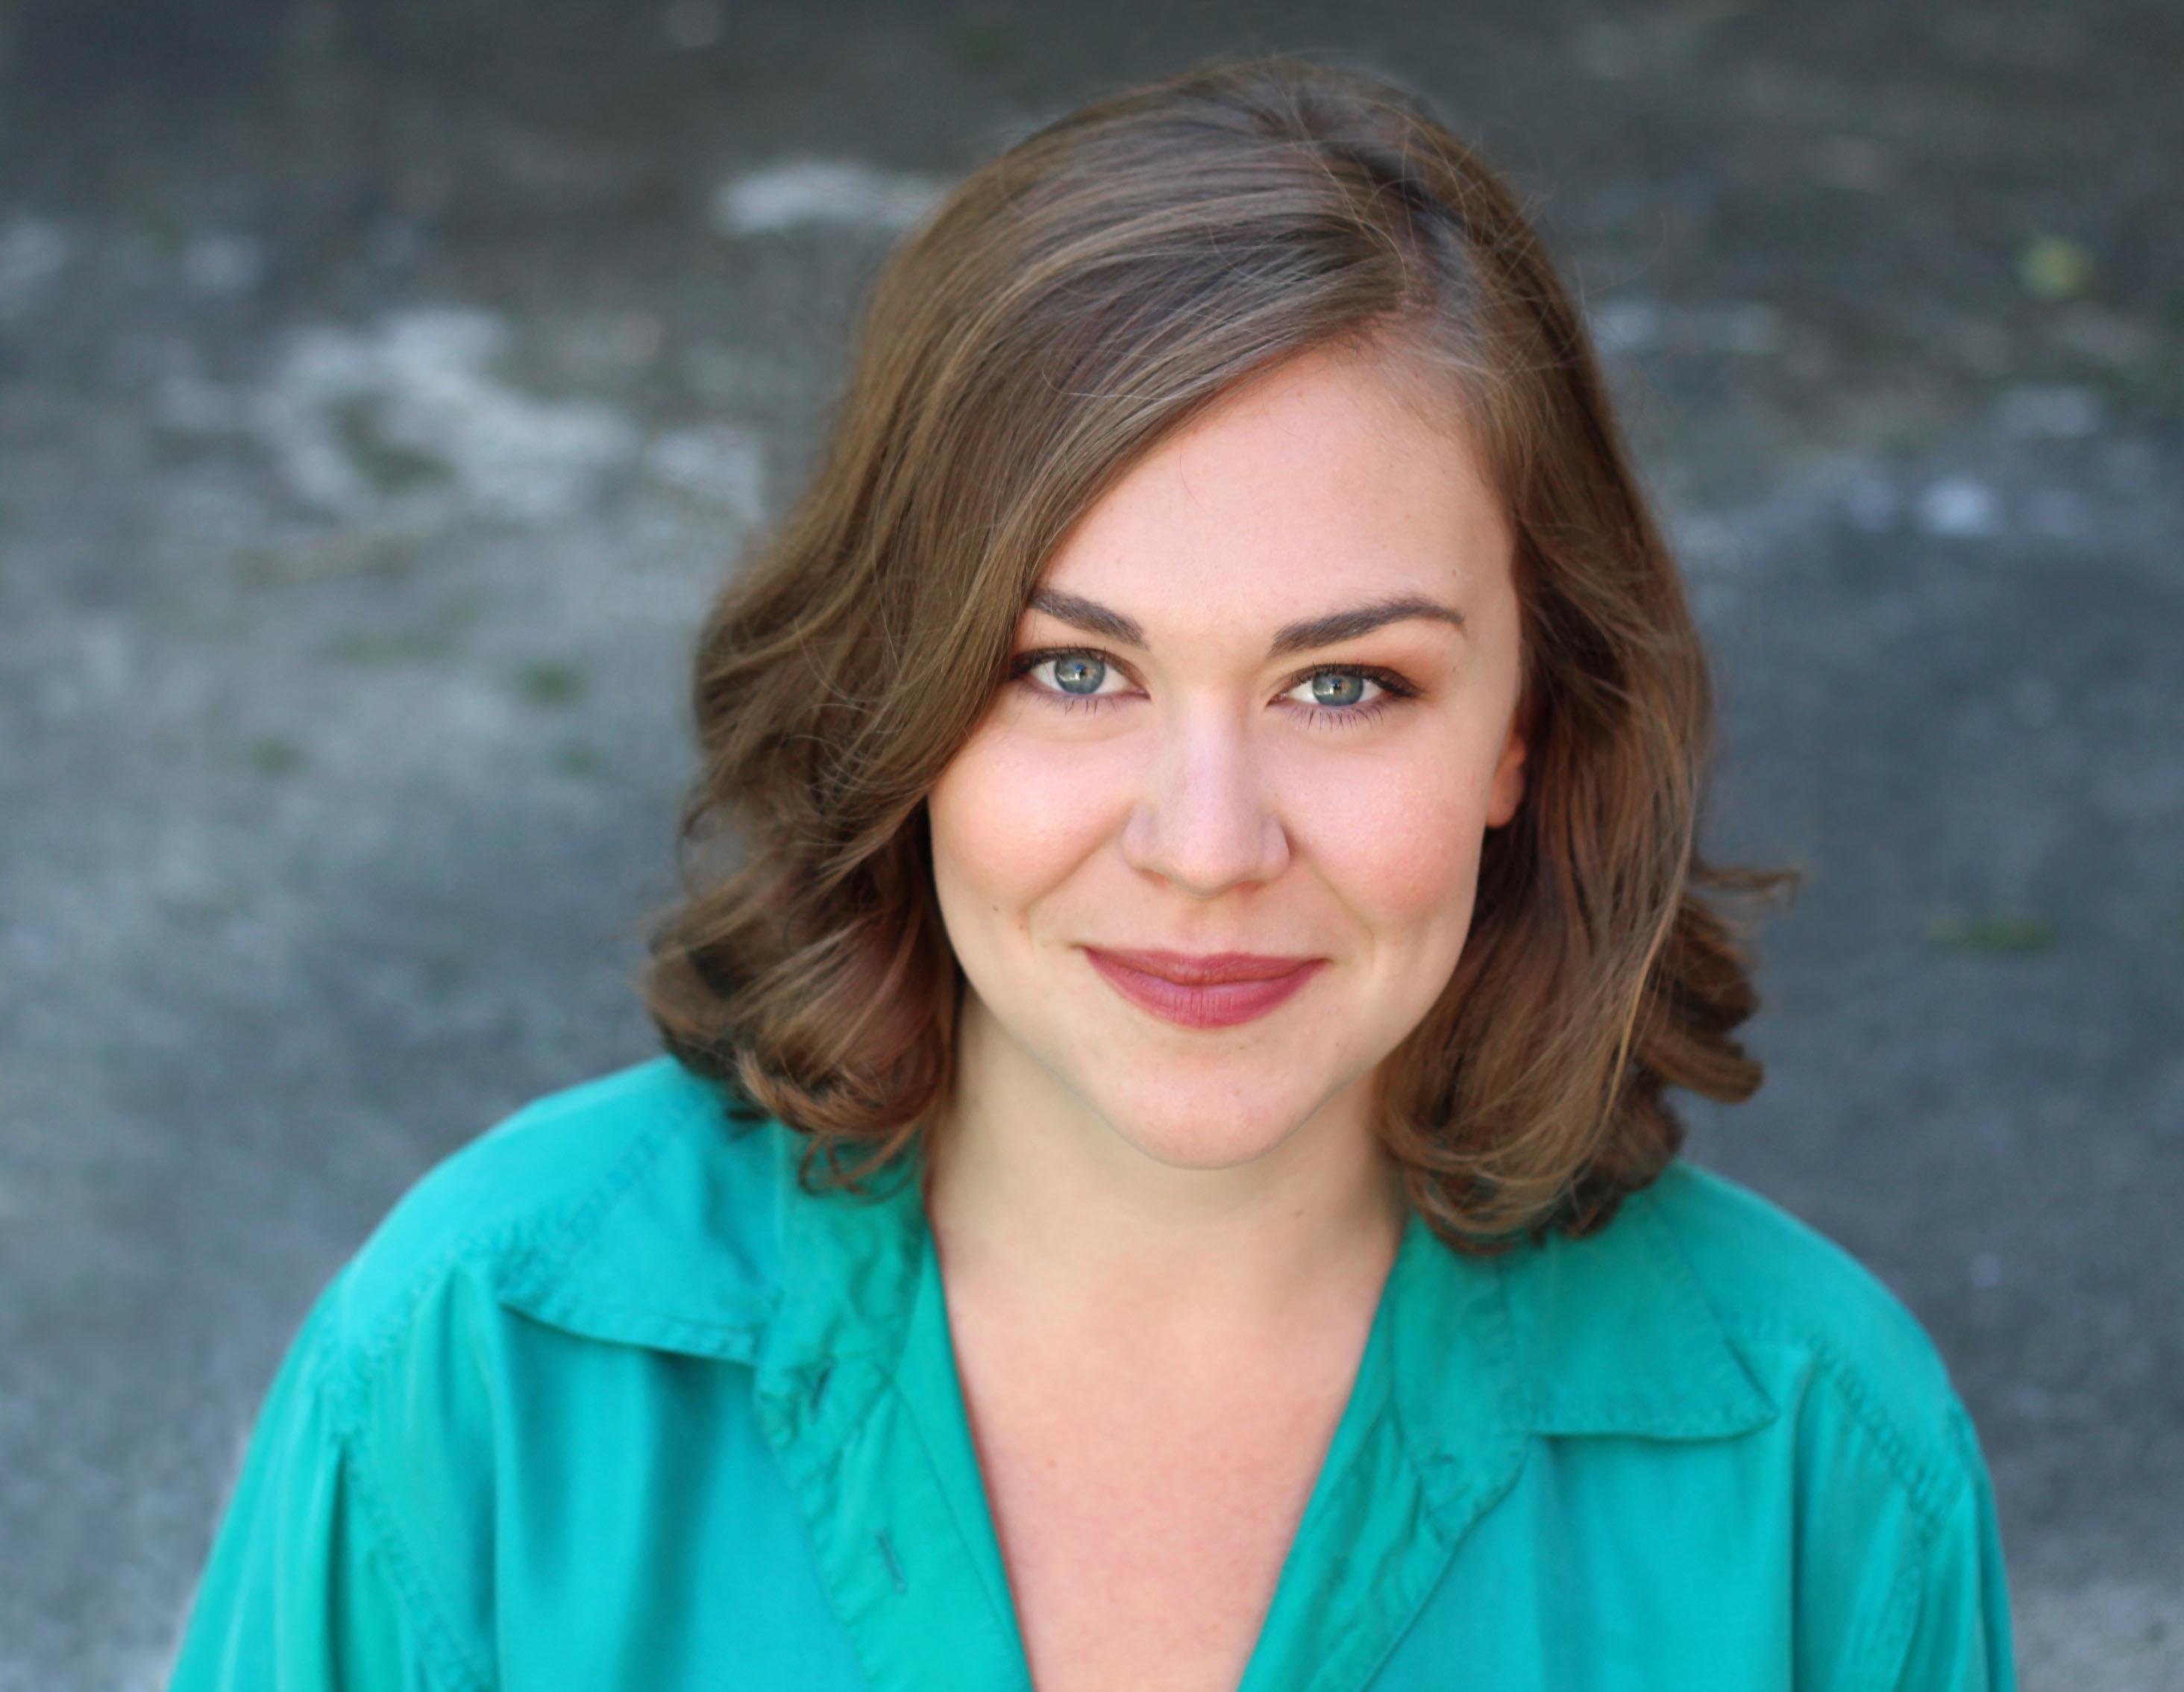 picture Claire van der Boom